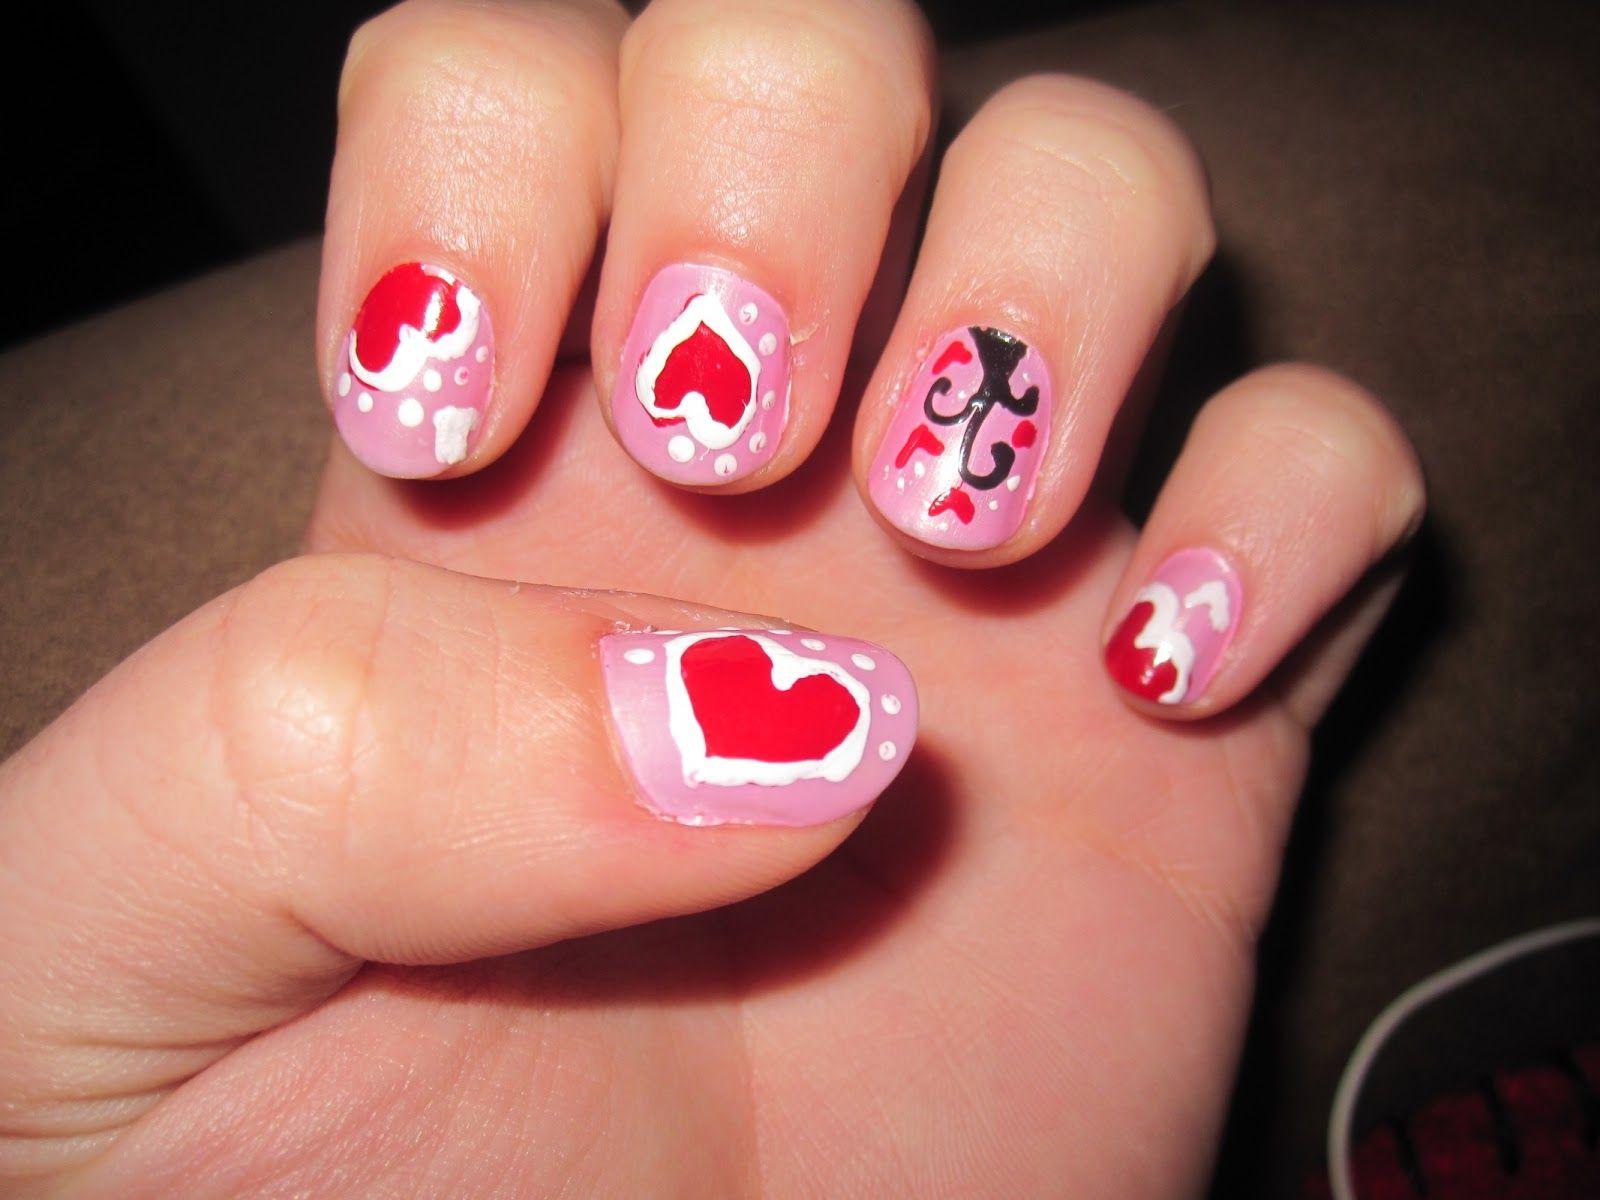 nail polish designs - interesting | nail polish | pinterest